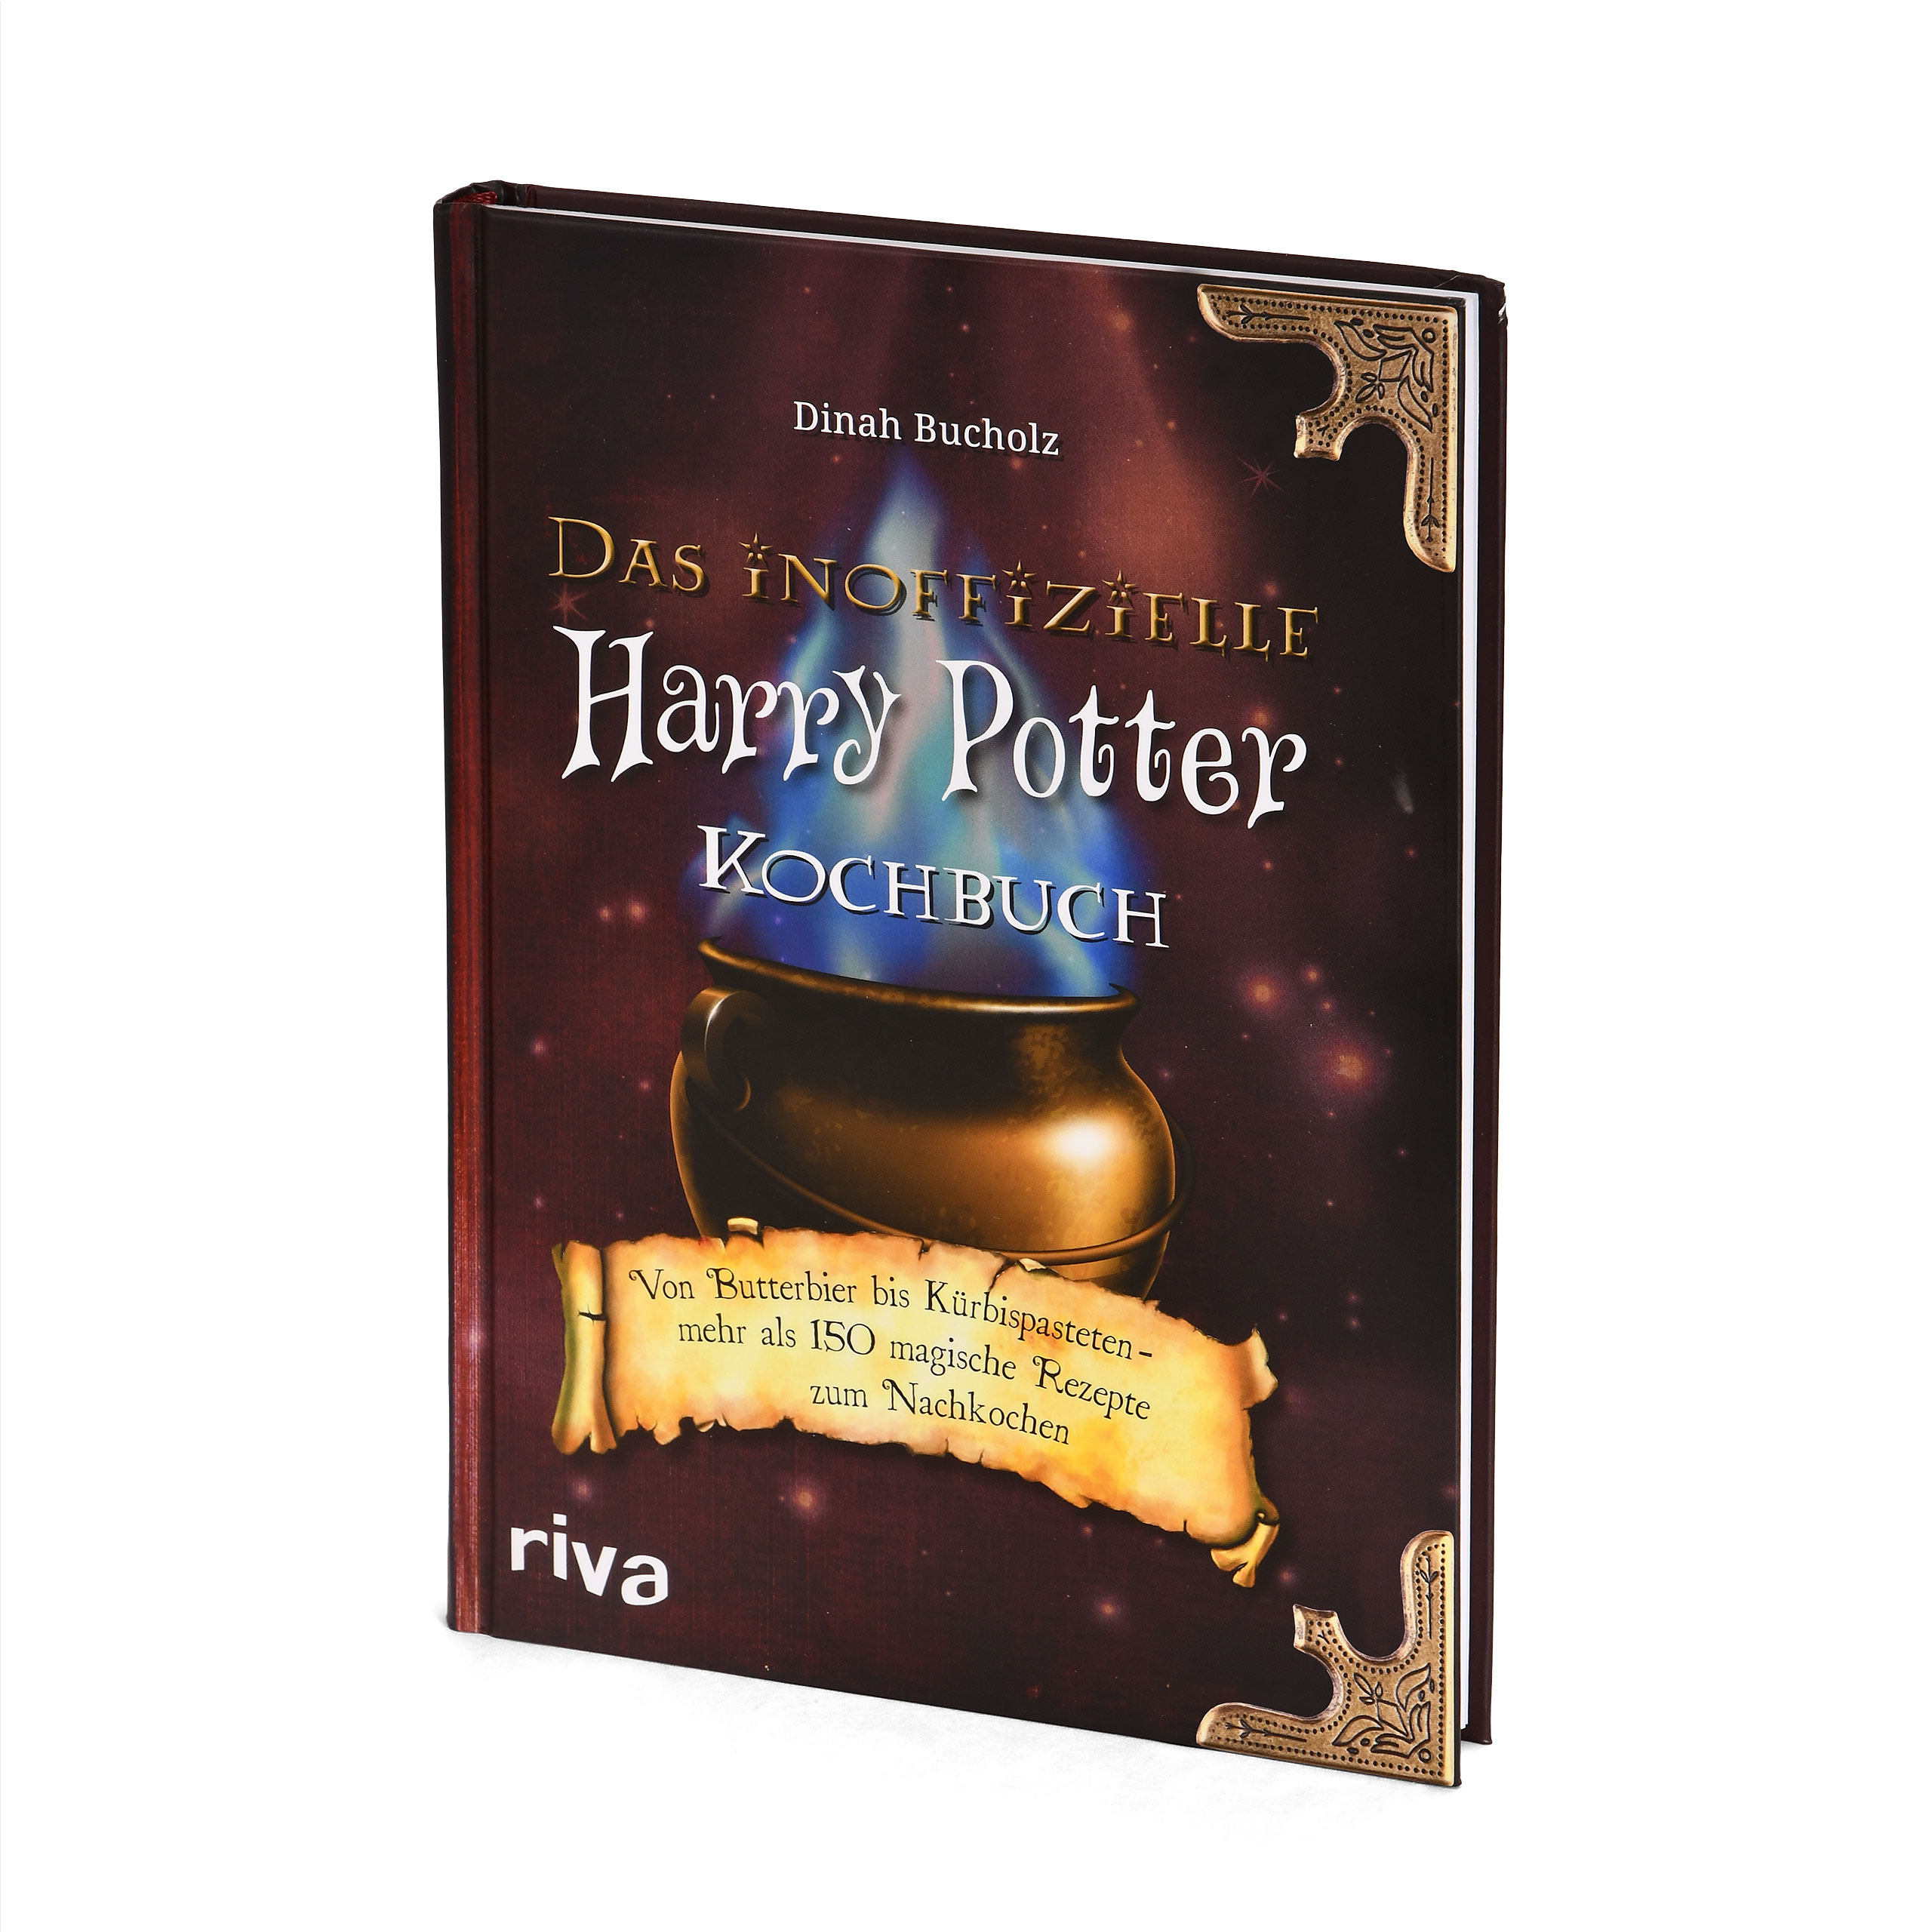 Harry Potter - Das inoffizielle Kochbuch